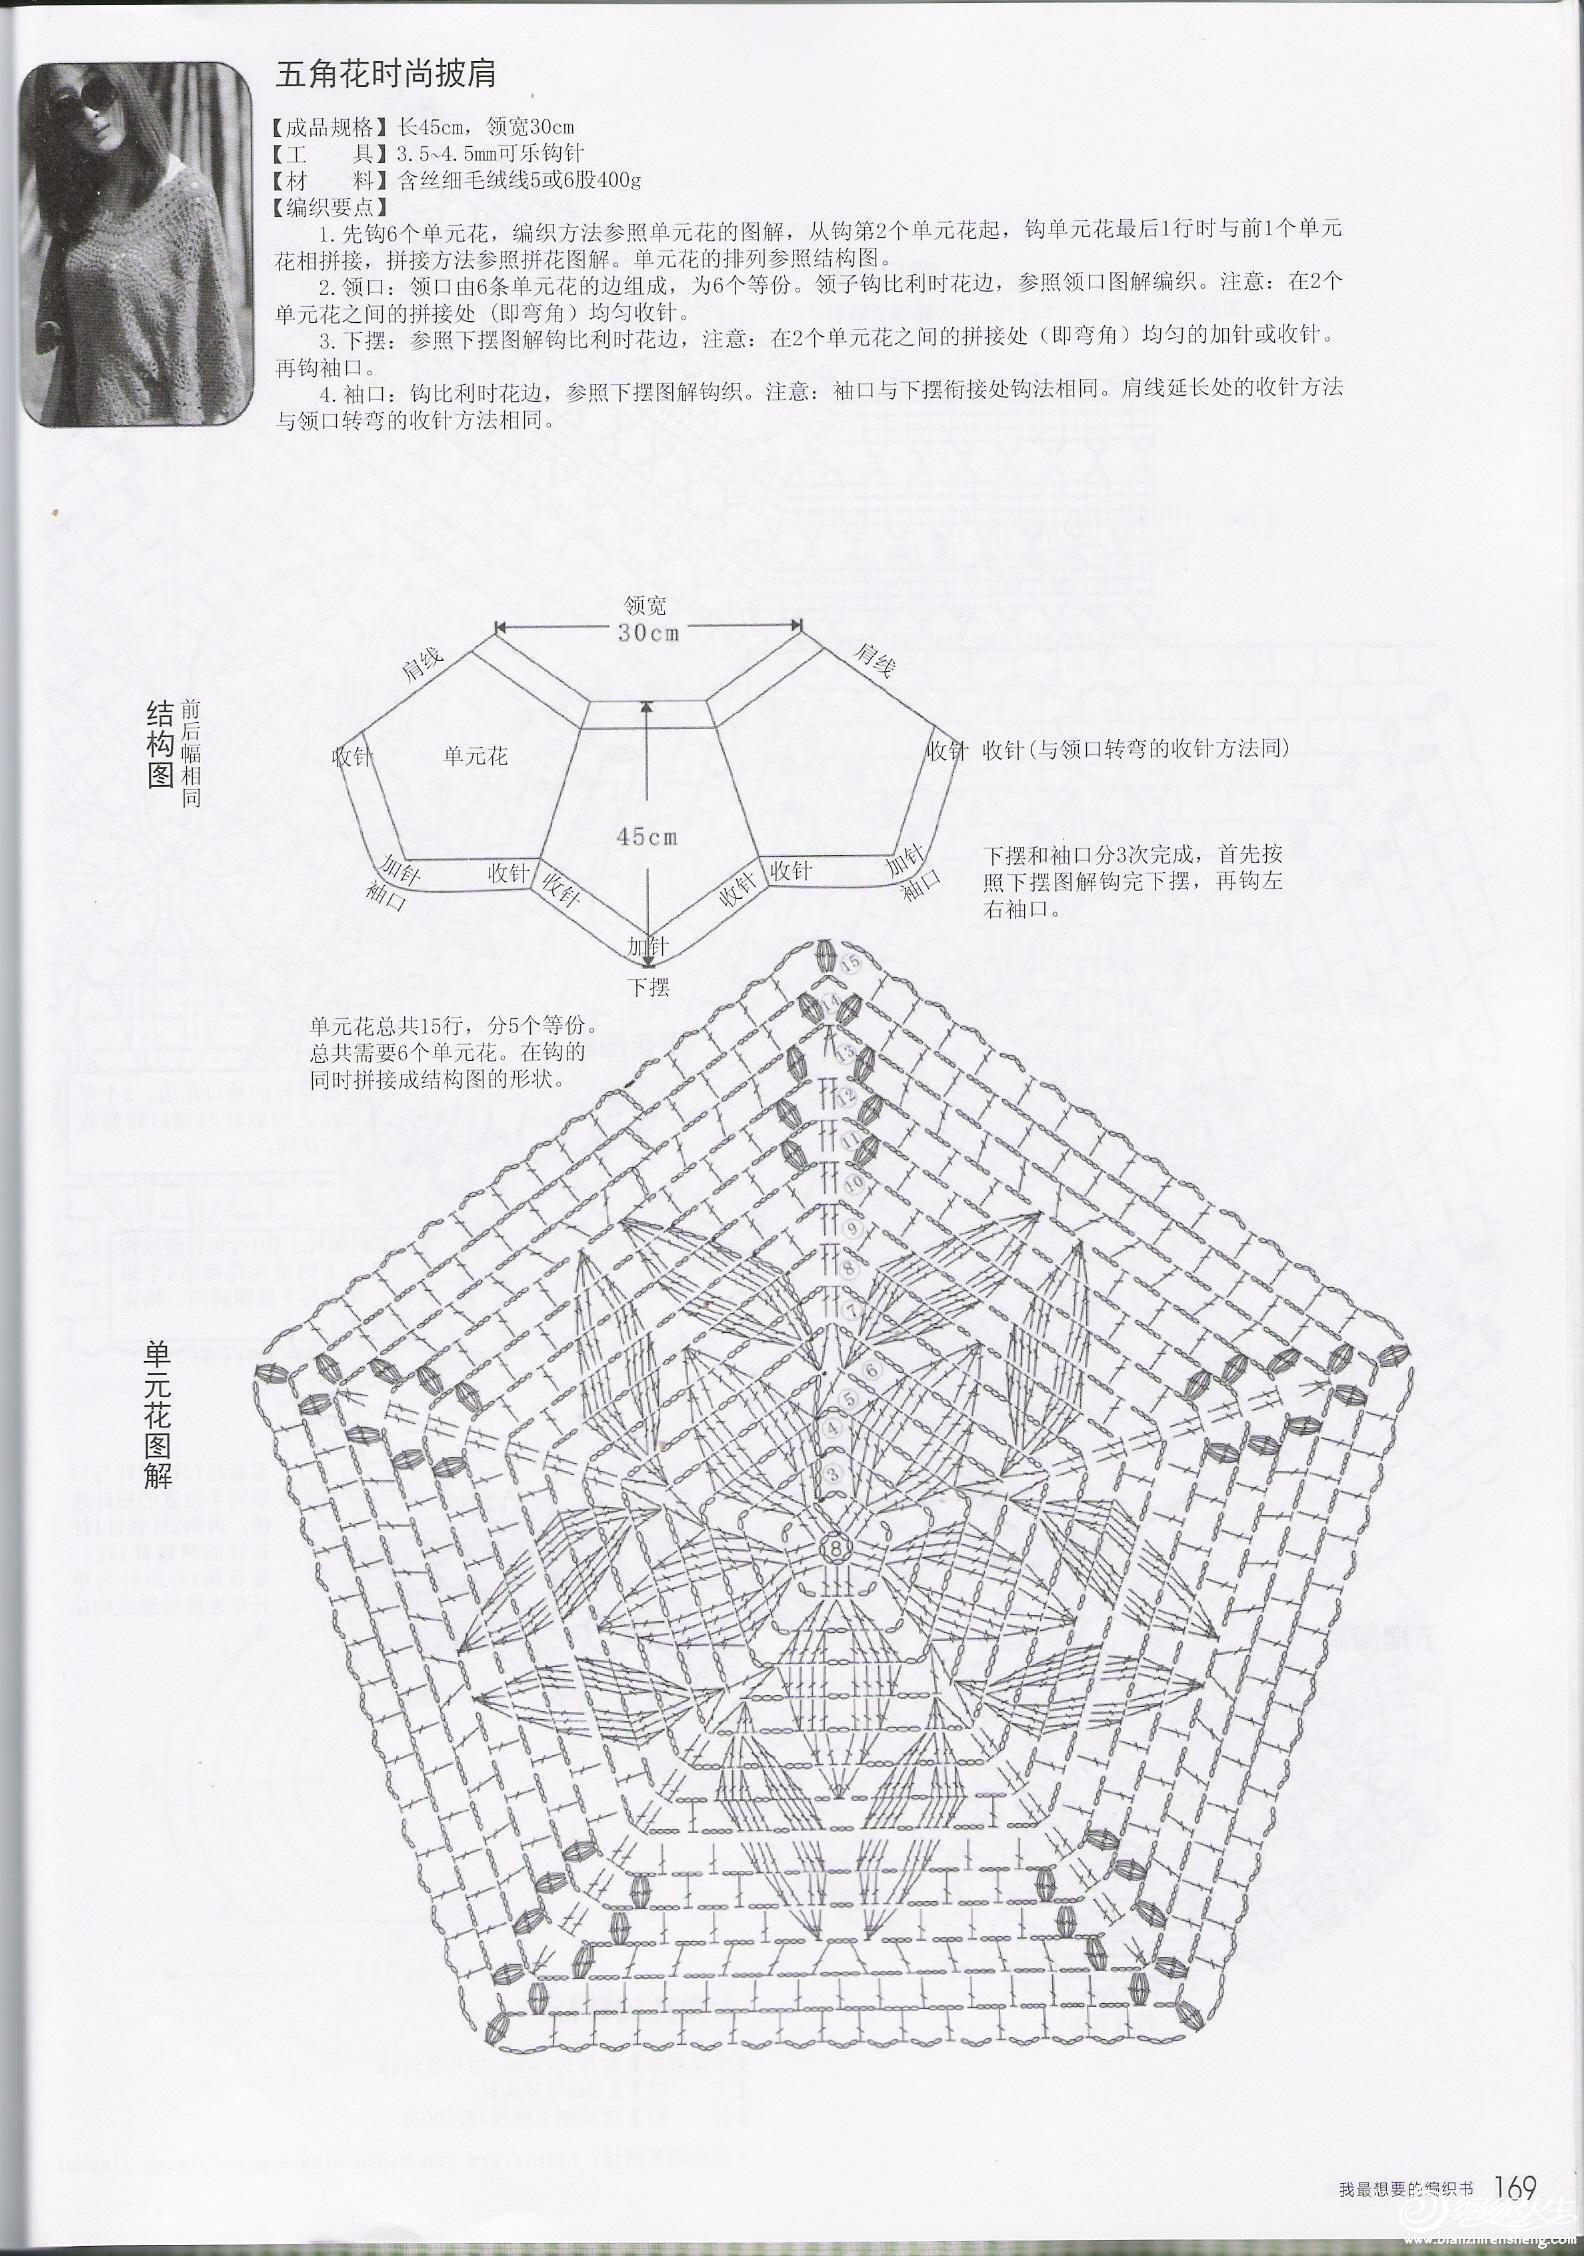 五角花图解1.jpg